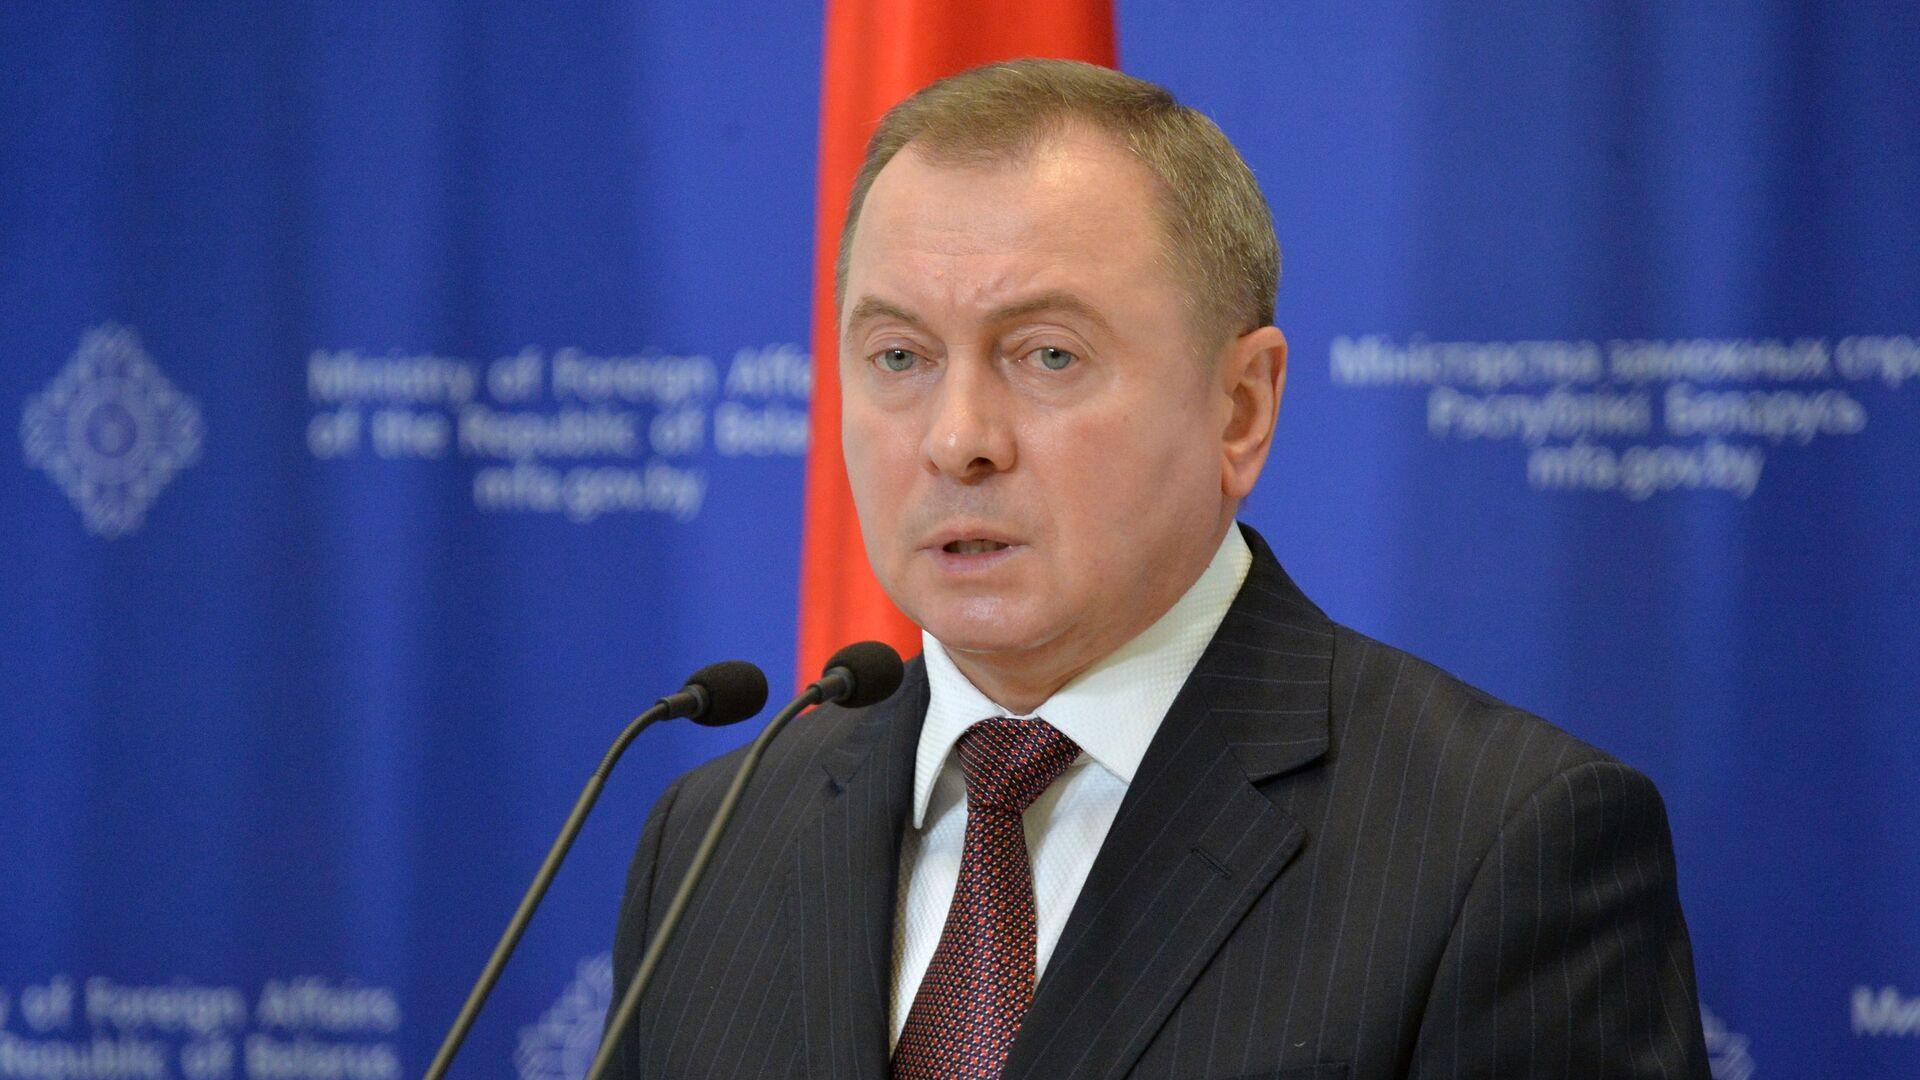 Běloruský ministr zahraničí Vladimir Makej - Sputnik Česká republika, 1920, 24.05.2021